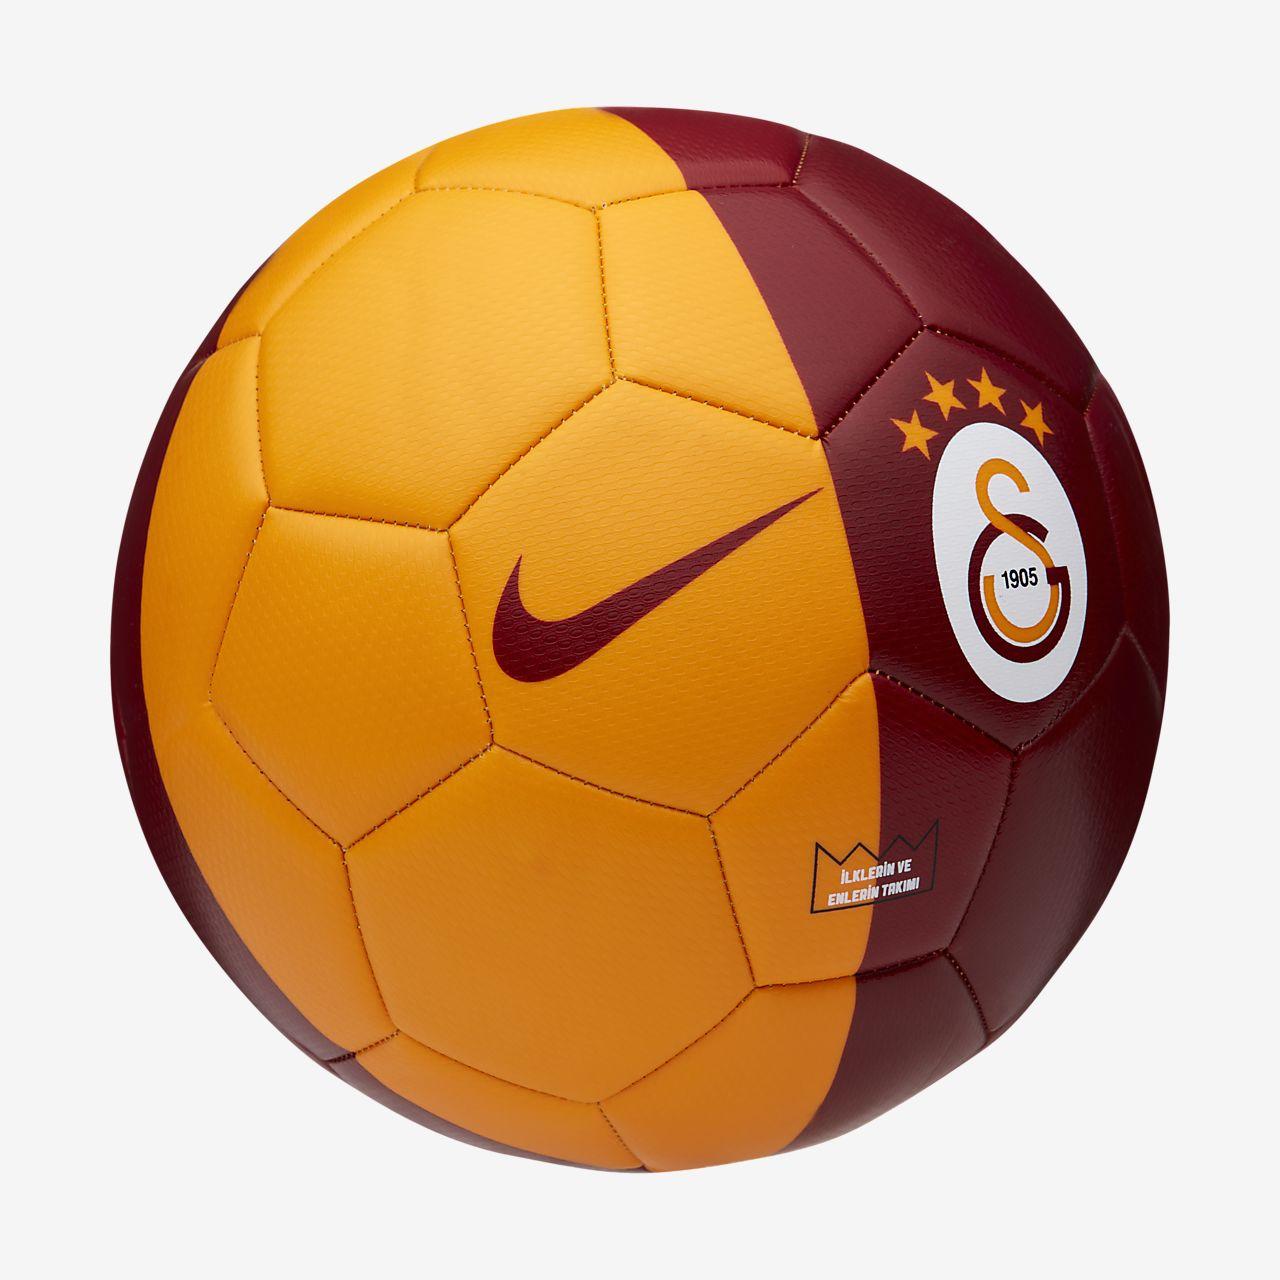 ee2eb587c69c2 Balón de fútbol Galatasaray S.K. Prestige. Nike.com MX